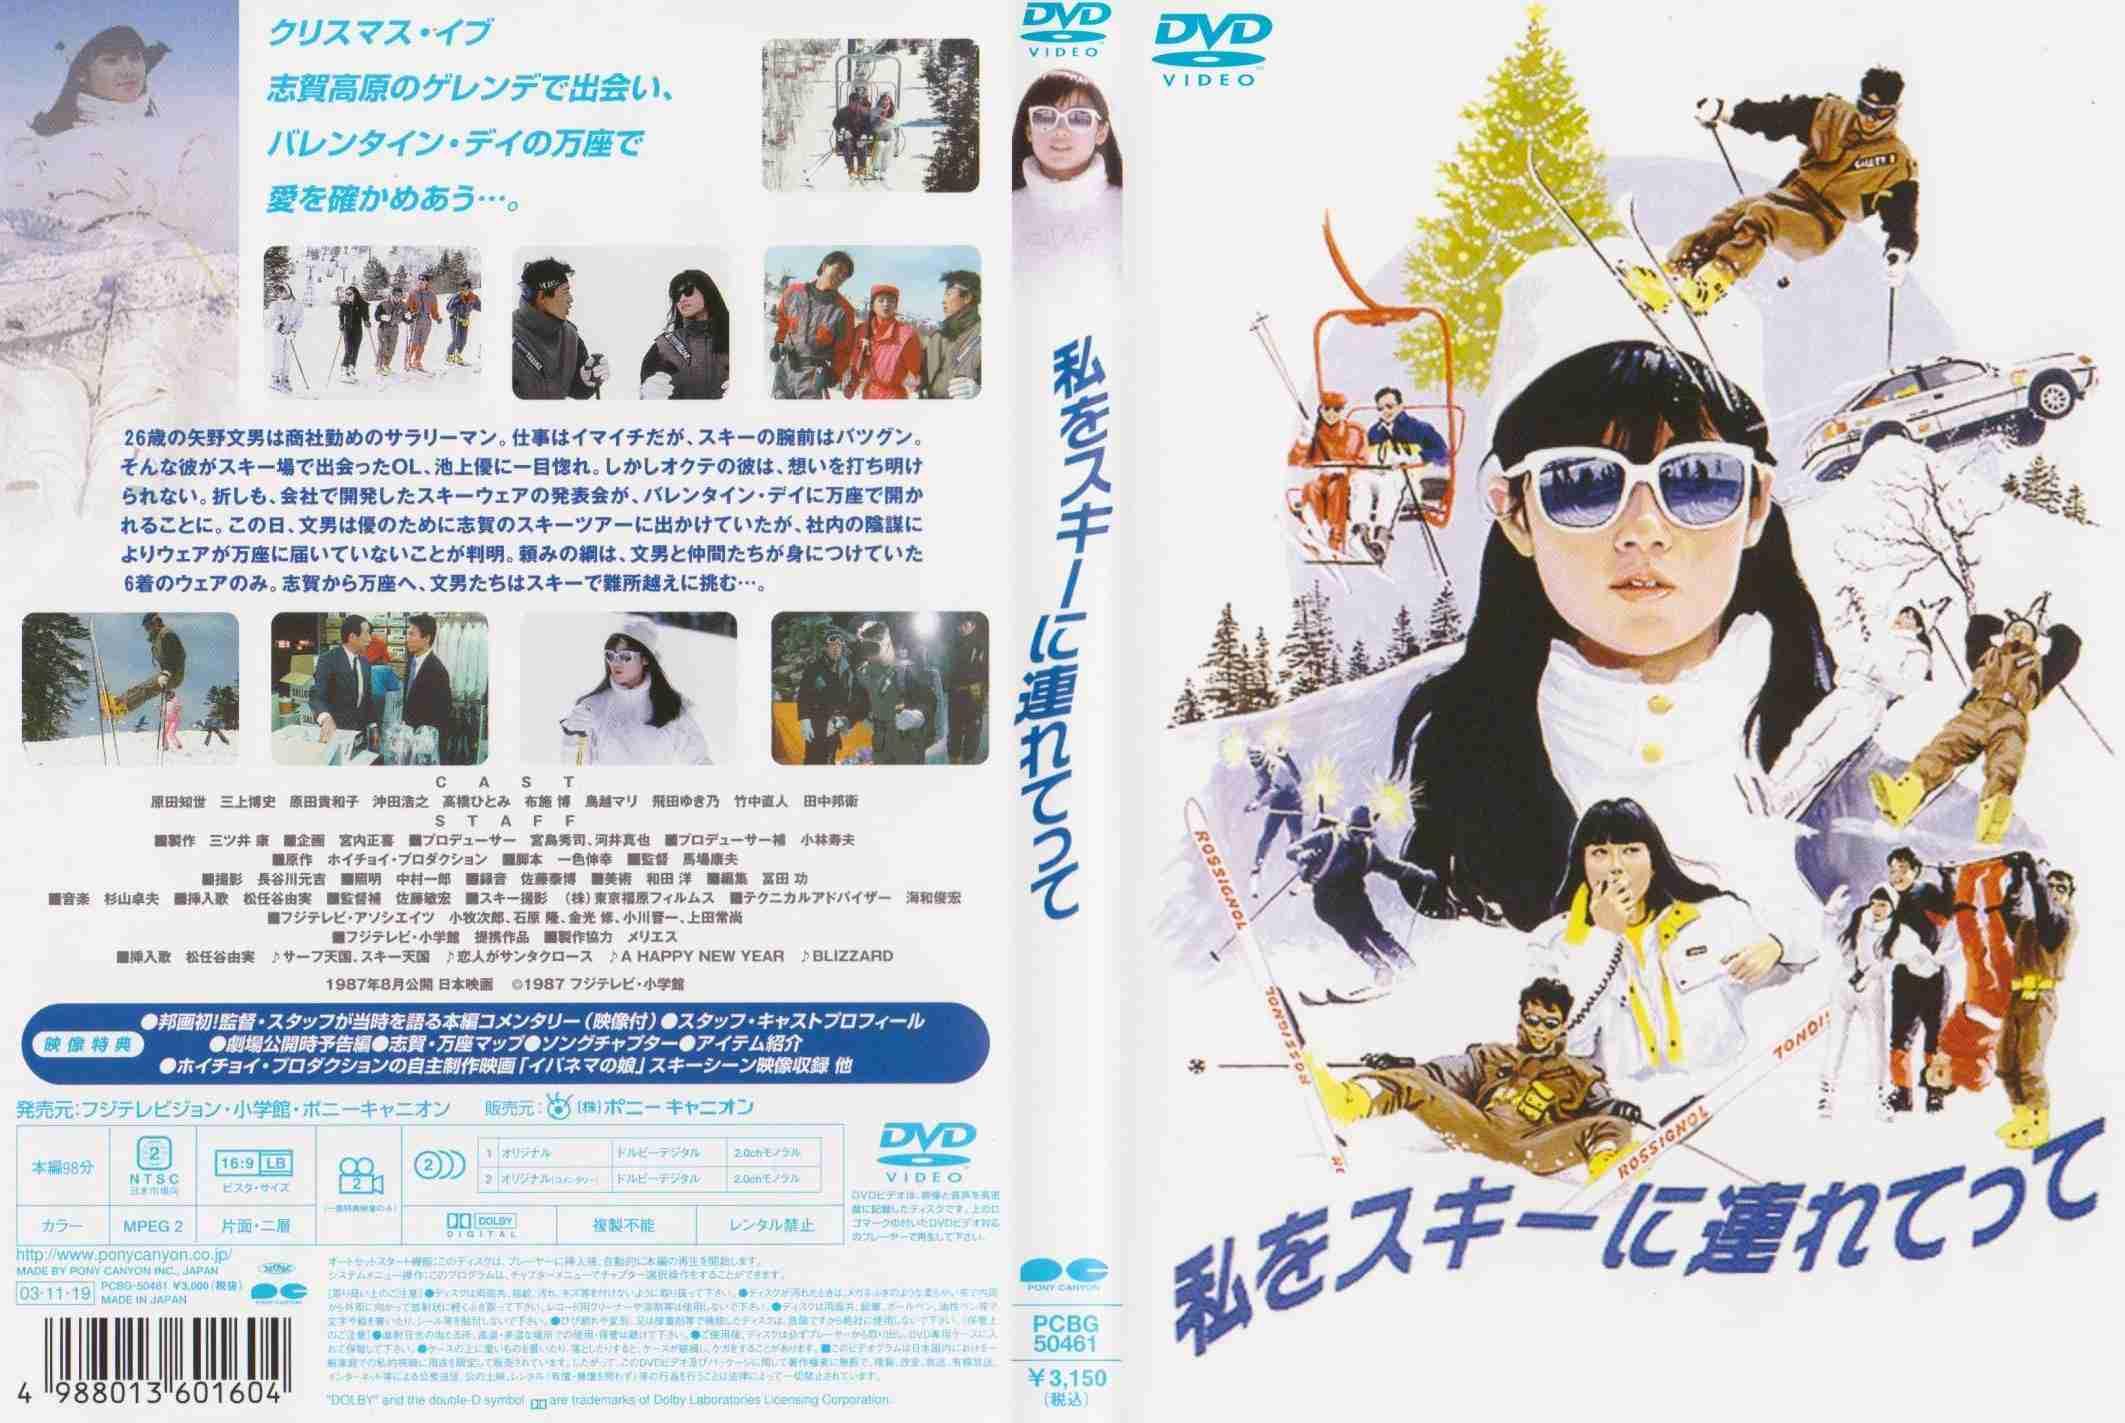 これがバブル時代のリアルだ! 1987年頃の東京を映した動画、懐かしさいっぱい